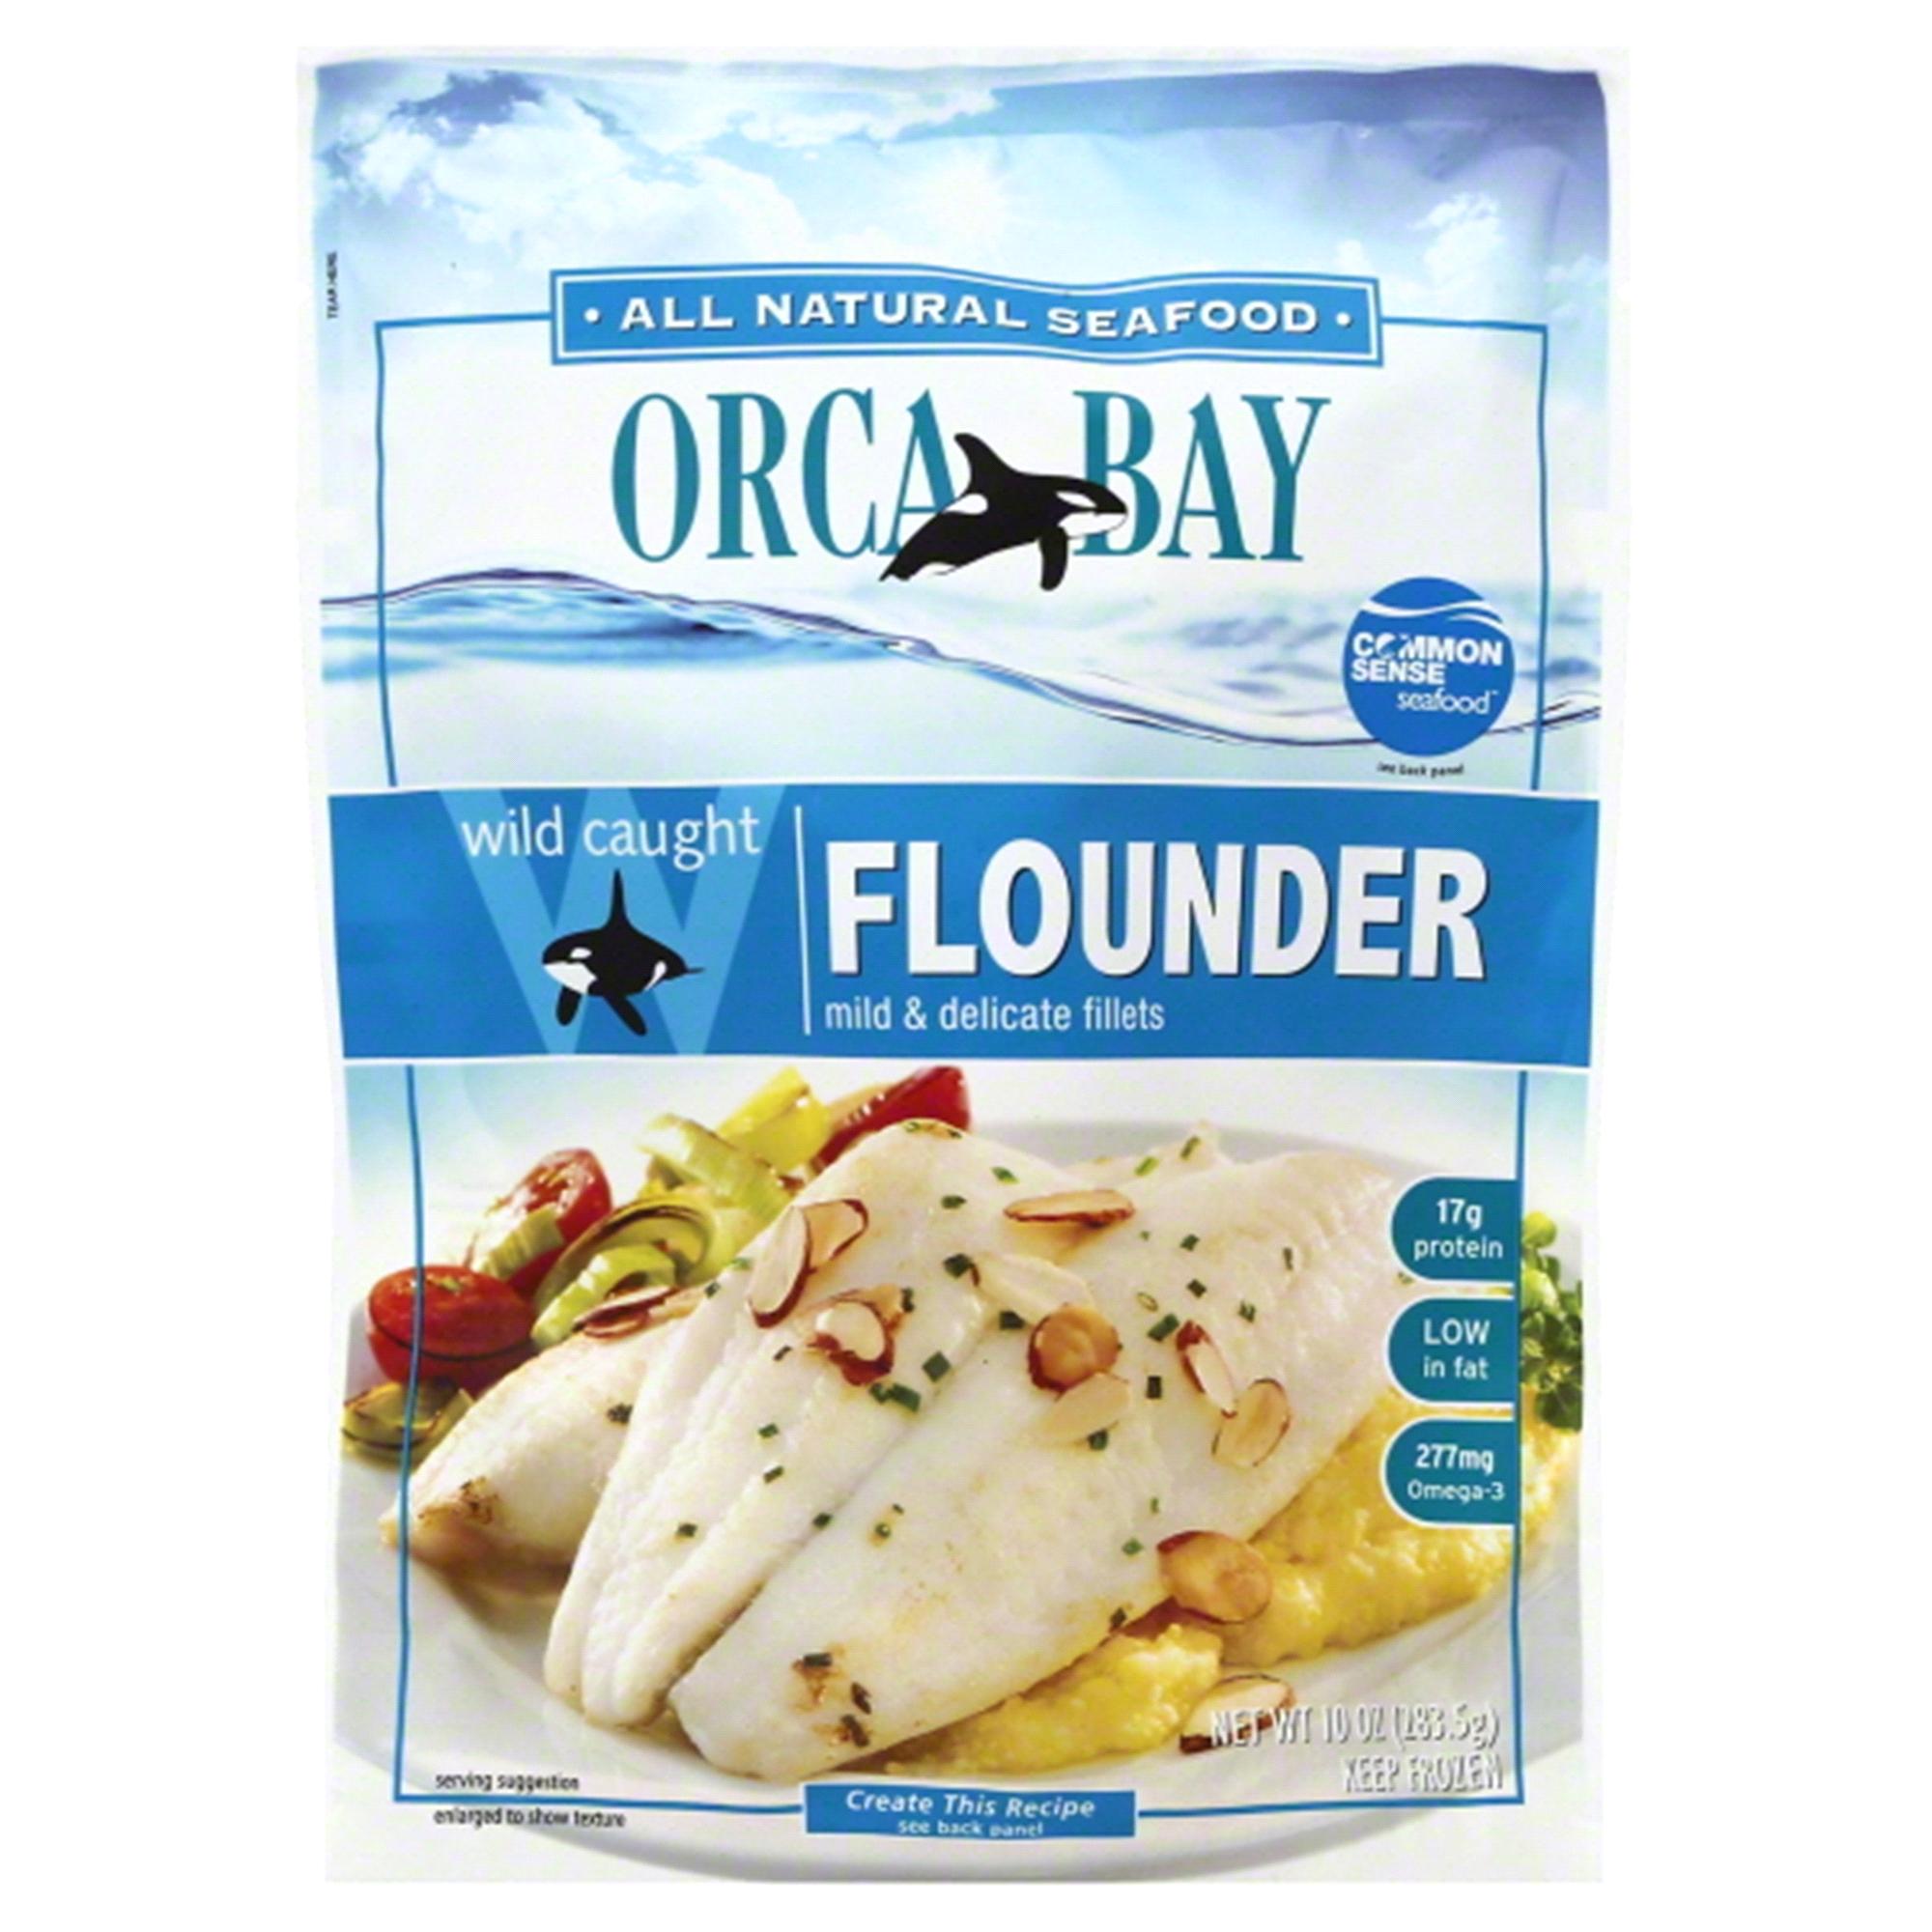 Orca Bay Wild Caught Flounder 10 oz | Meijer.com